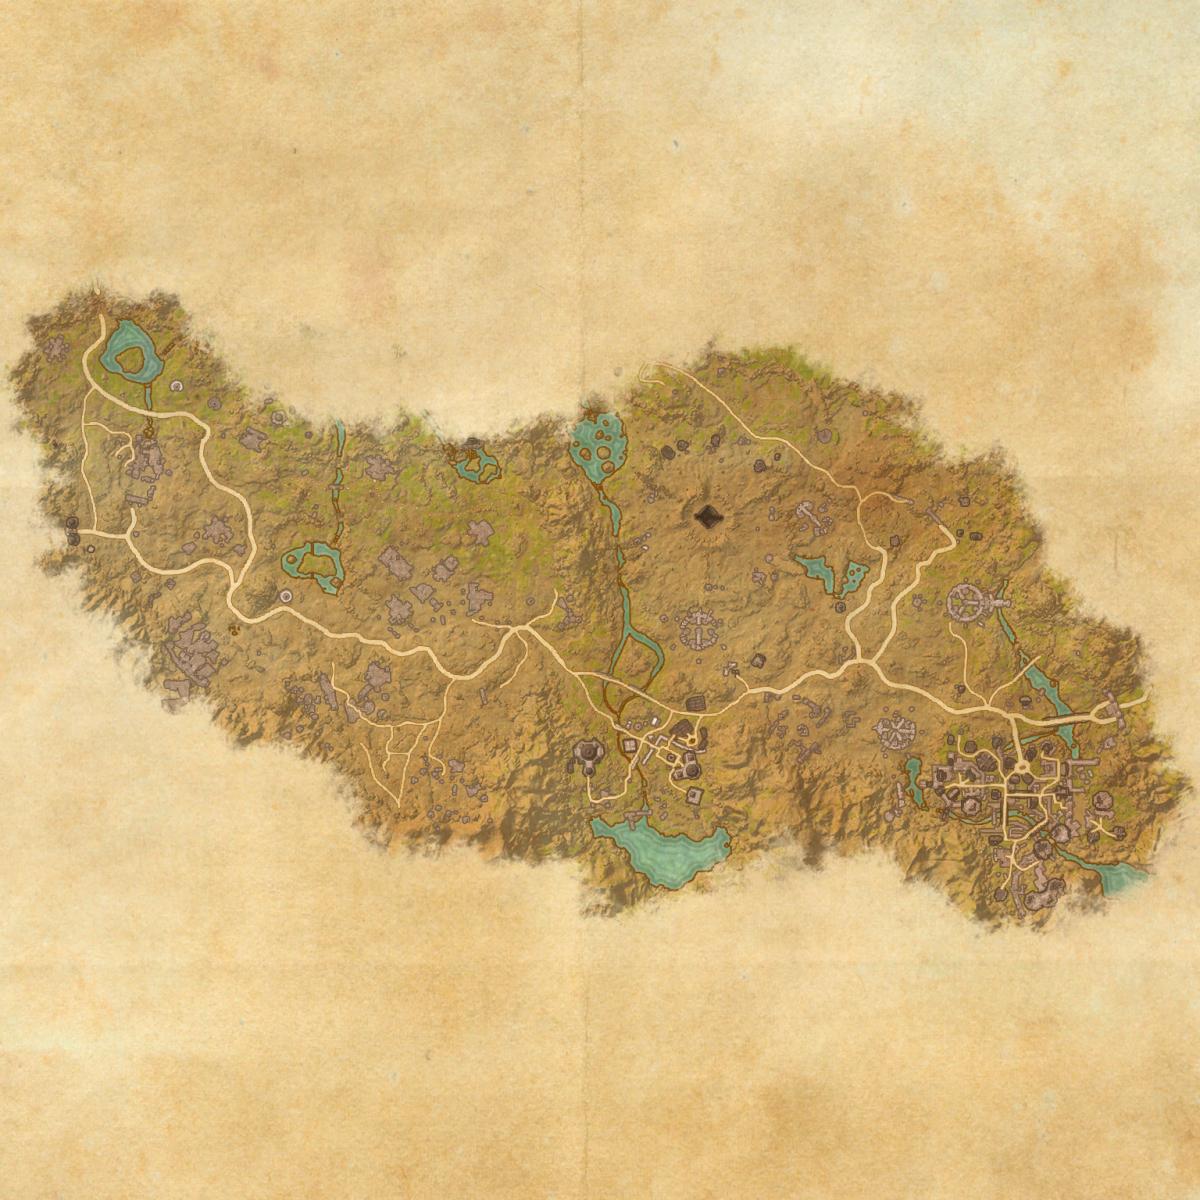 Craglorn - TESO Wiki - The Elder Scrolls Online